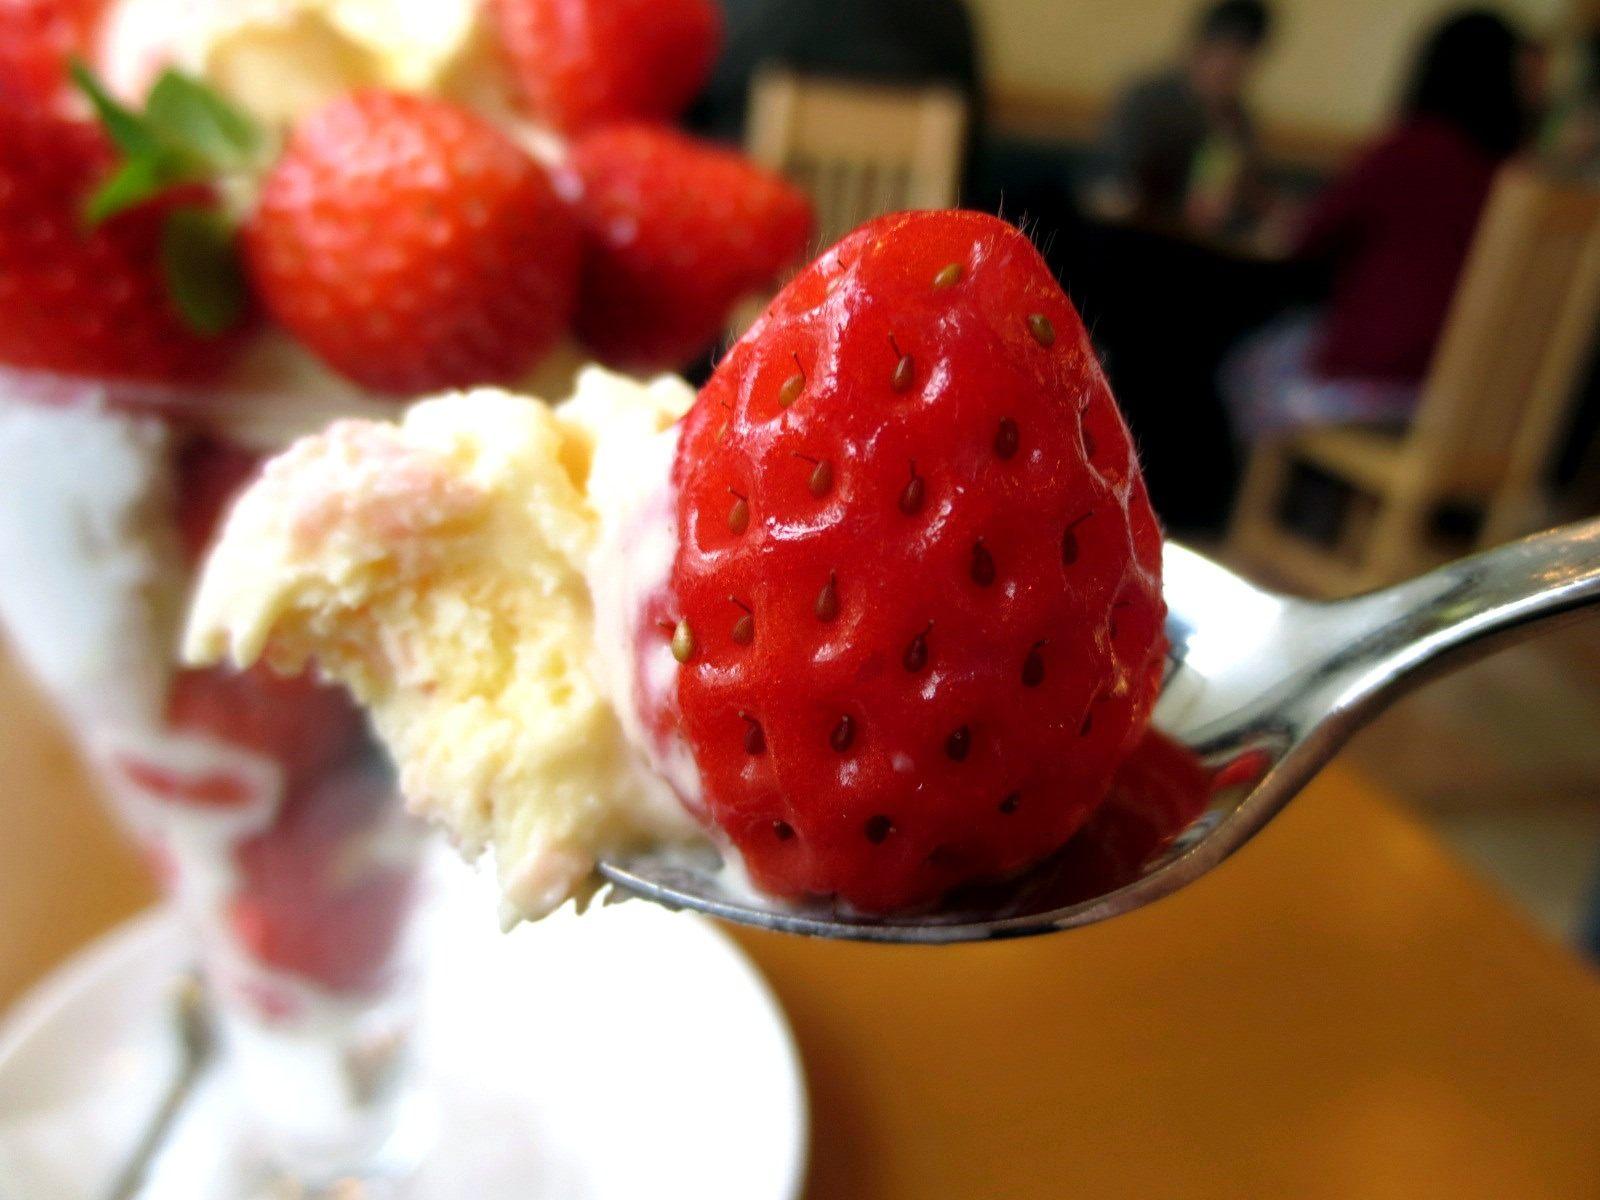 鮮奶味十足的香草冰淇淋